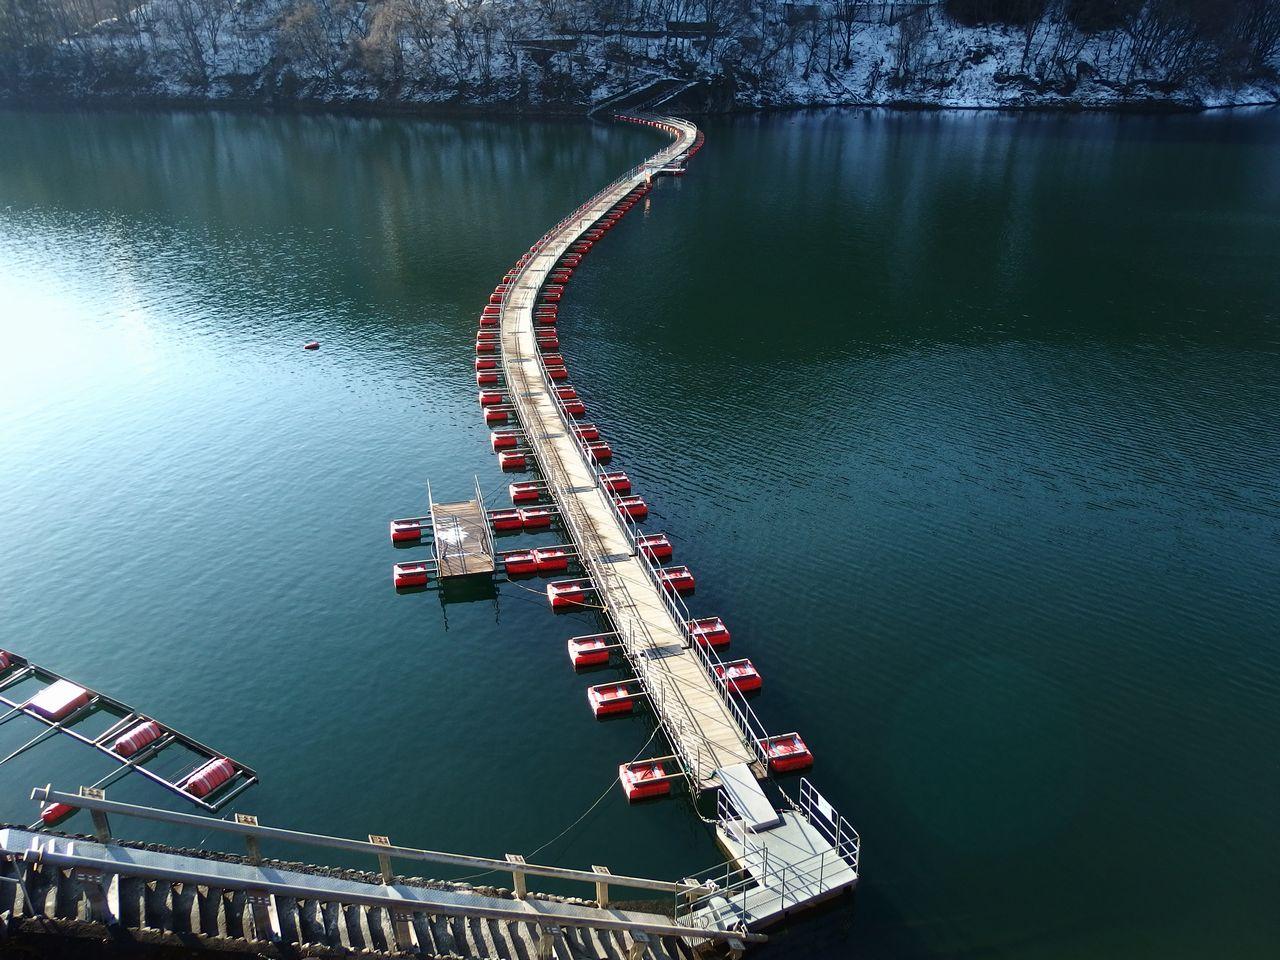 奥多摩湖 麦山の浮き橋